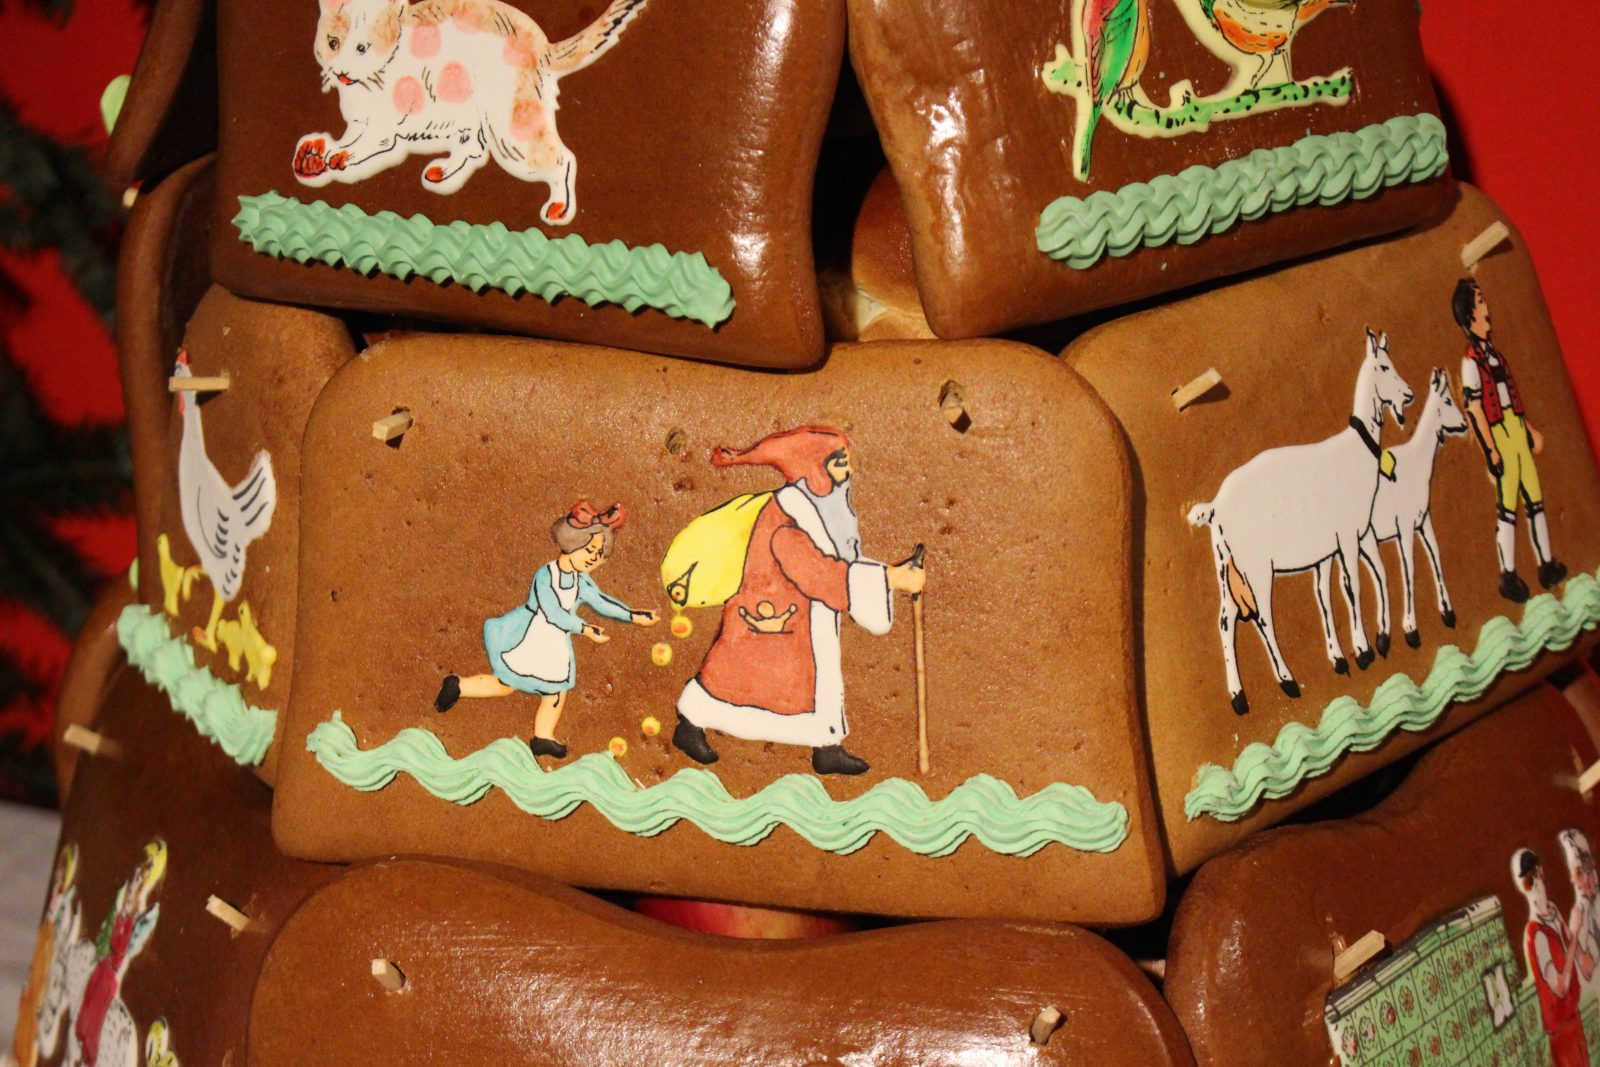 Appenzell Noël coutume pains d'épice sur Chlausezüüg